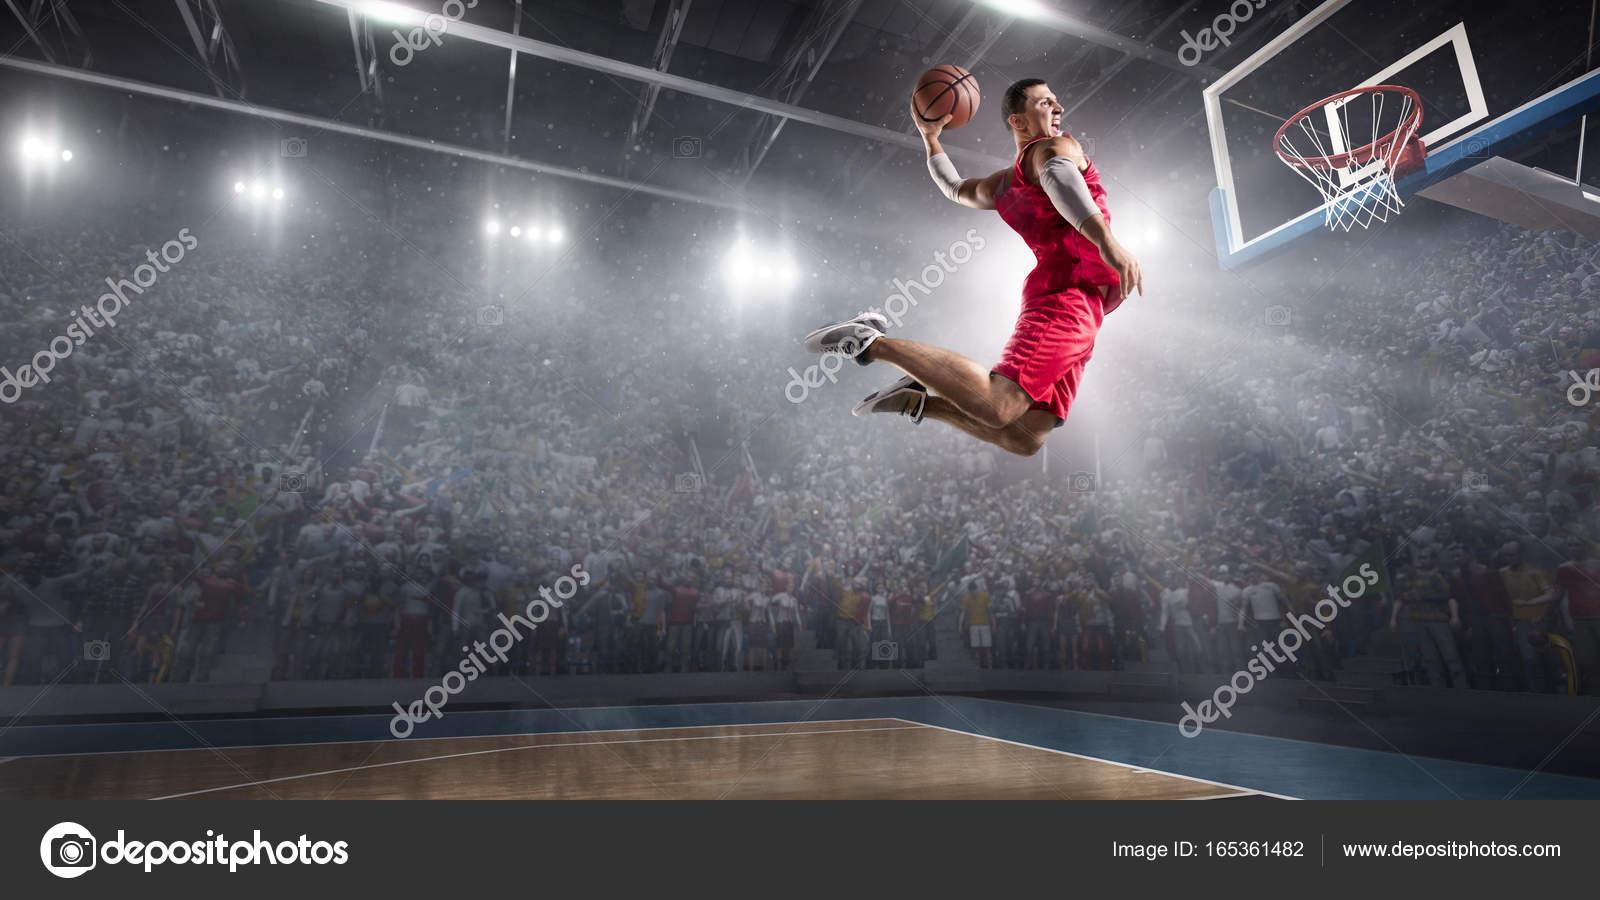 Nba Dunk Wallpaper Hd Basketball Player Makes Slam Dunk